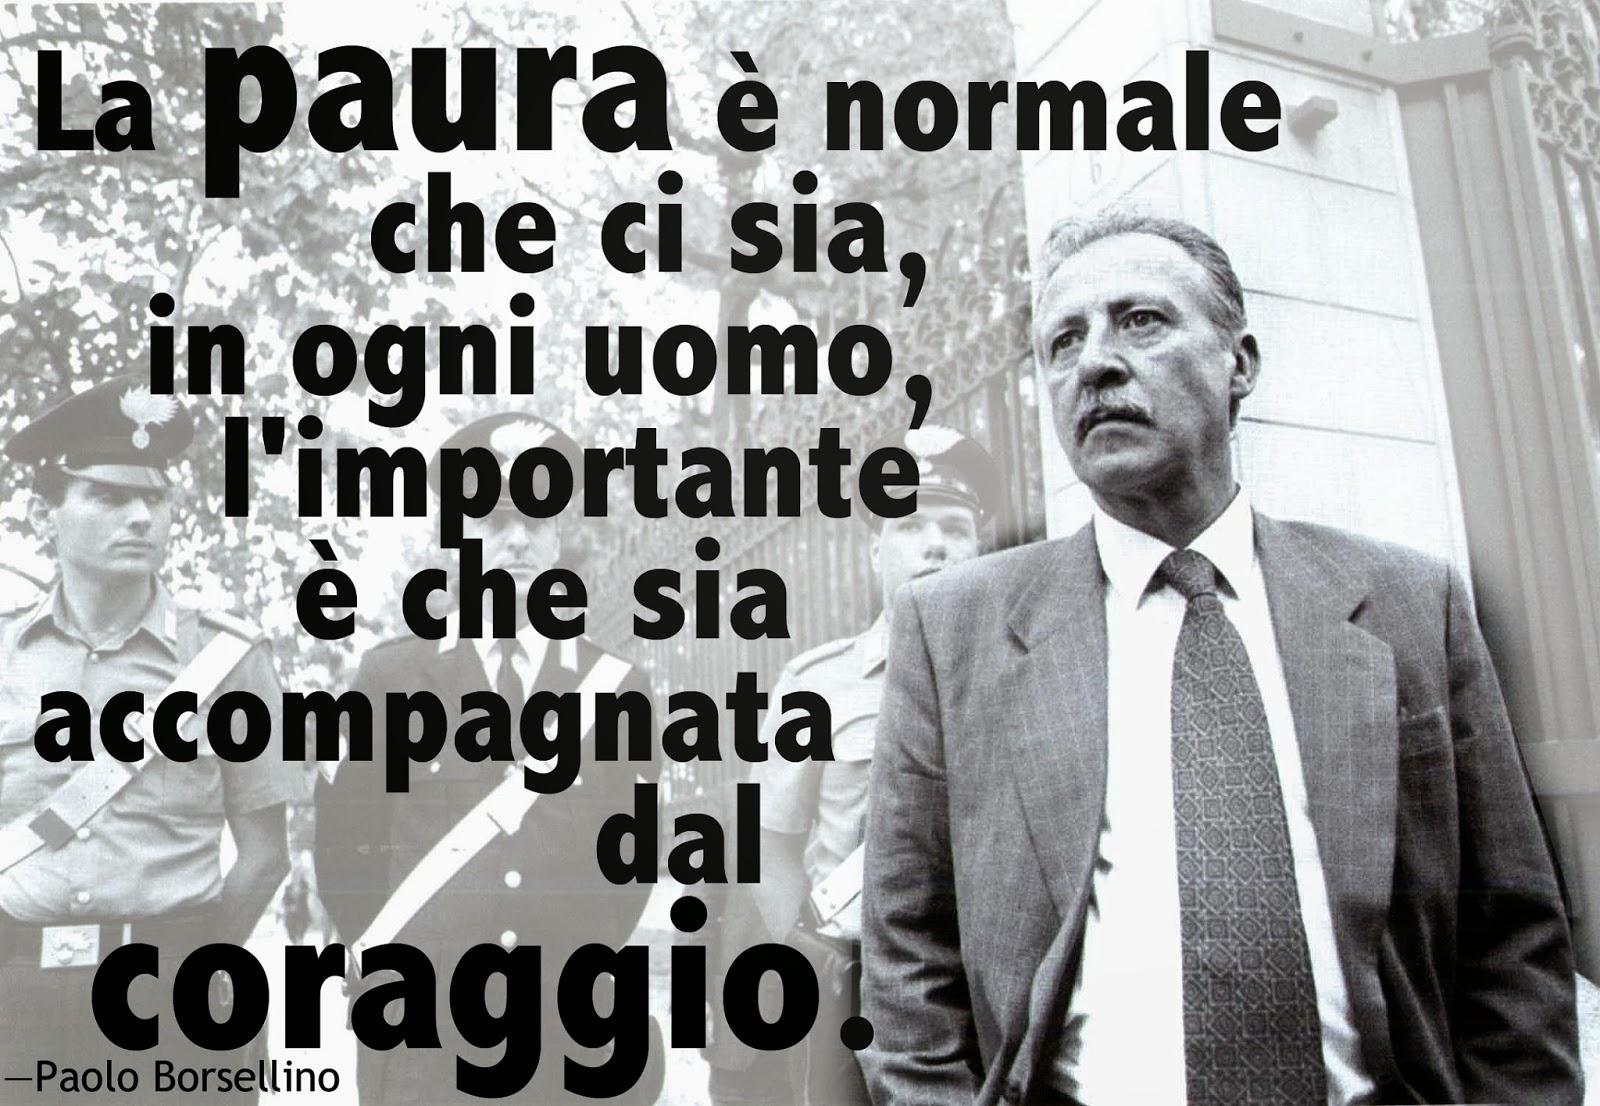 <<La paura è normale che ci sia, in ogni uomo, l'importante è che sia accompagnata dal coraggio.>>  —Paolo Borsellino, citazione by Alex for www.viaoptimae.com